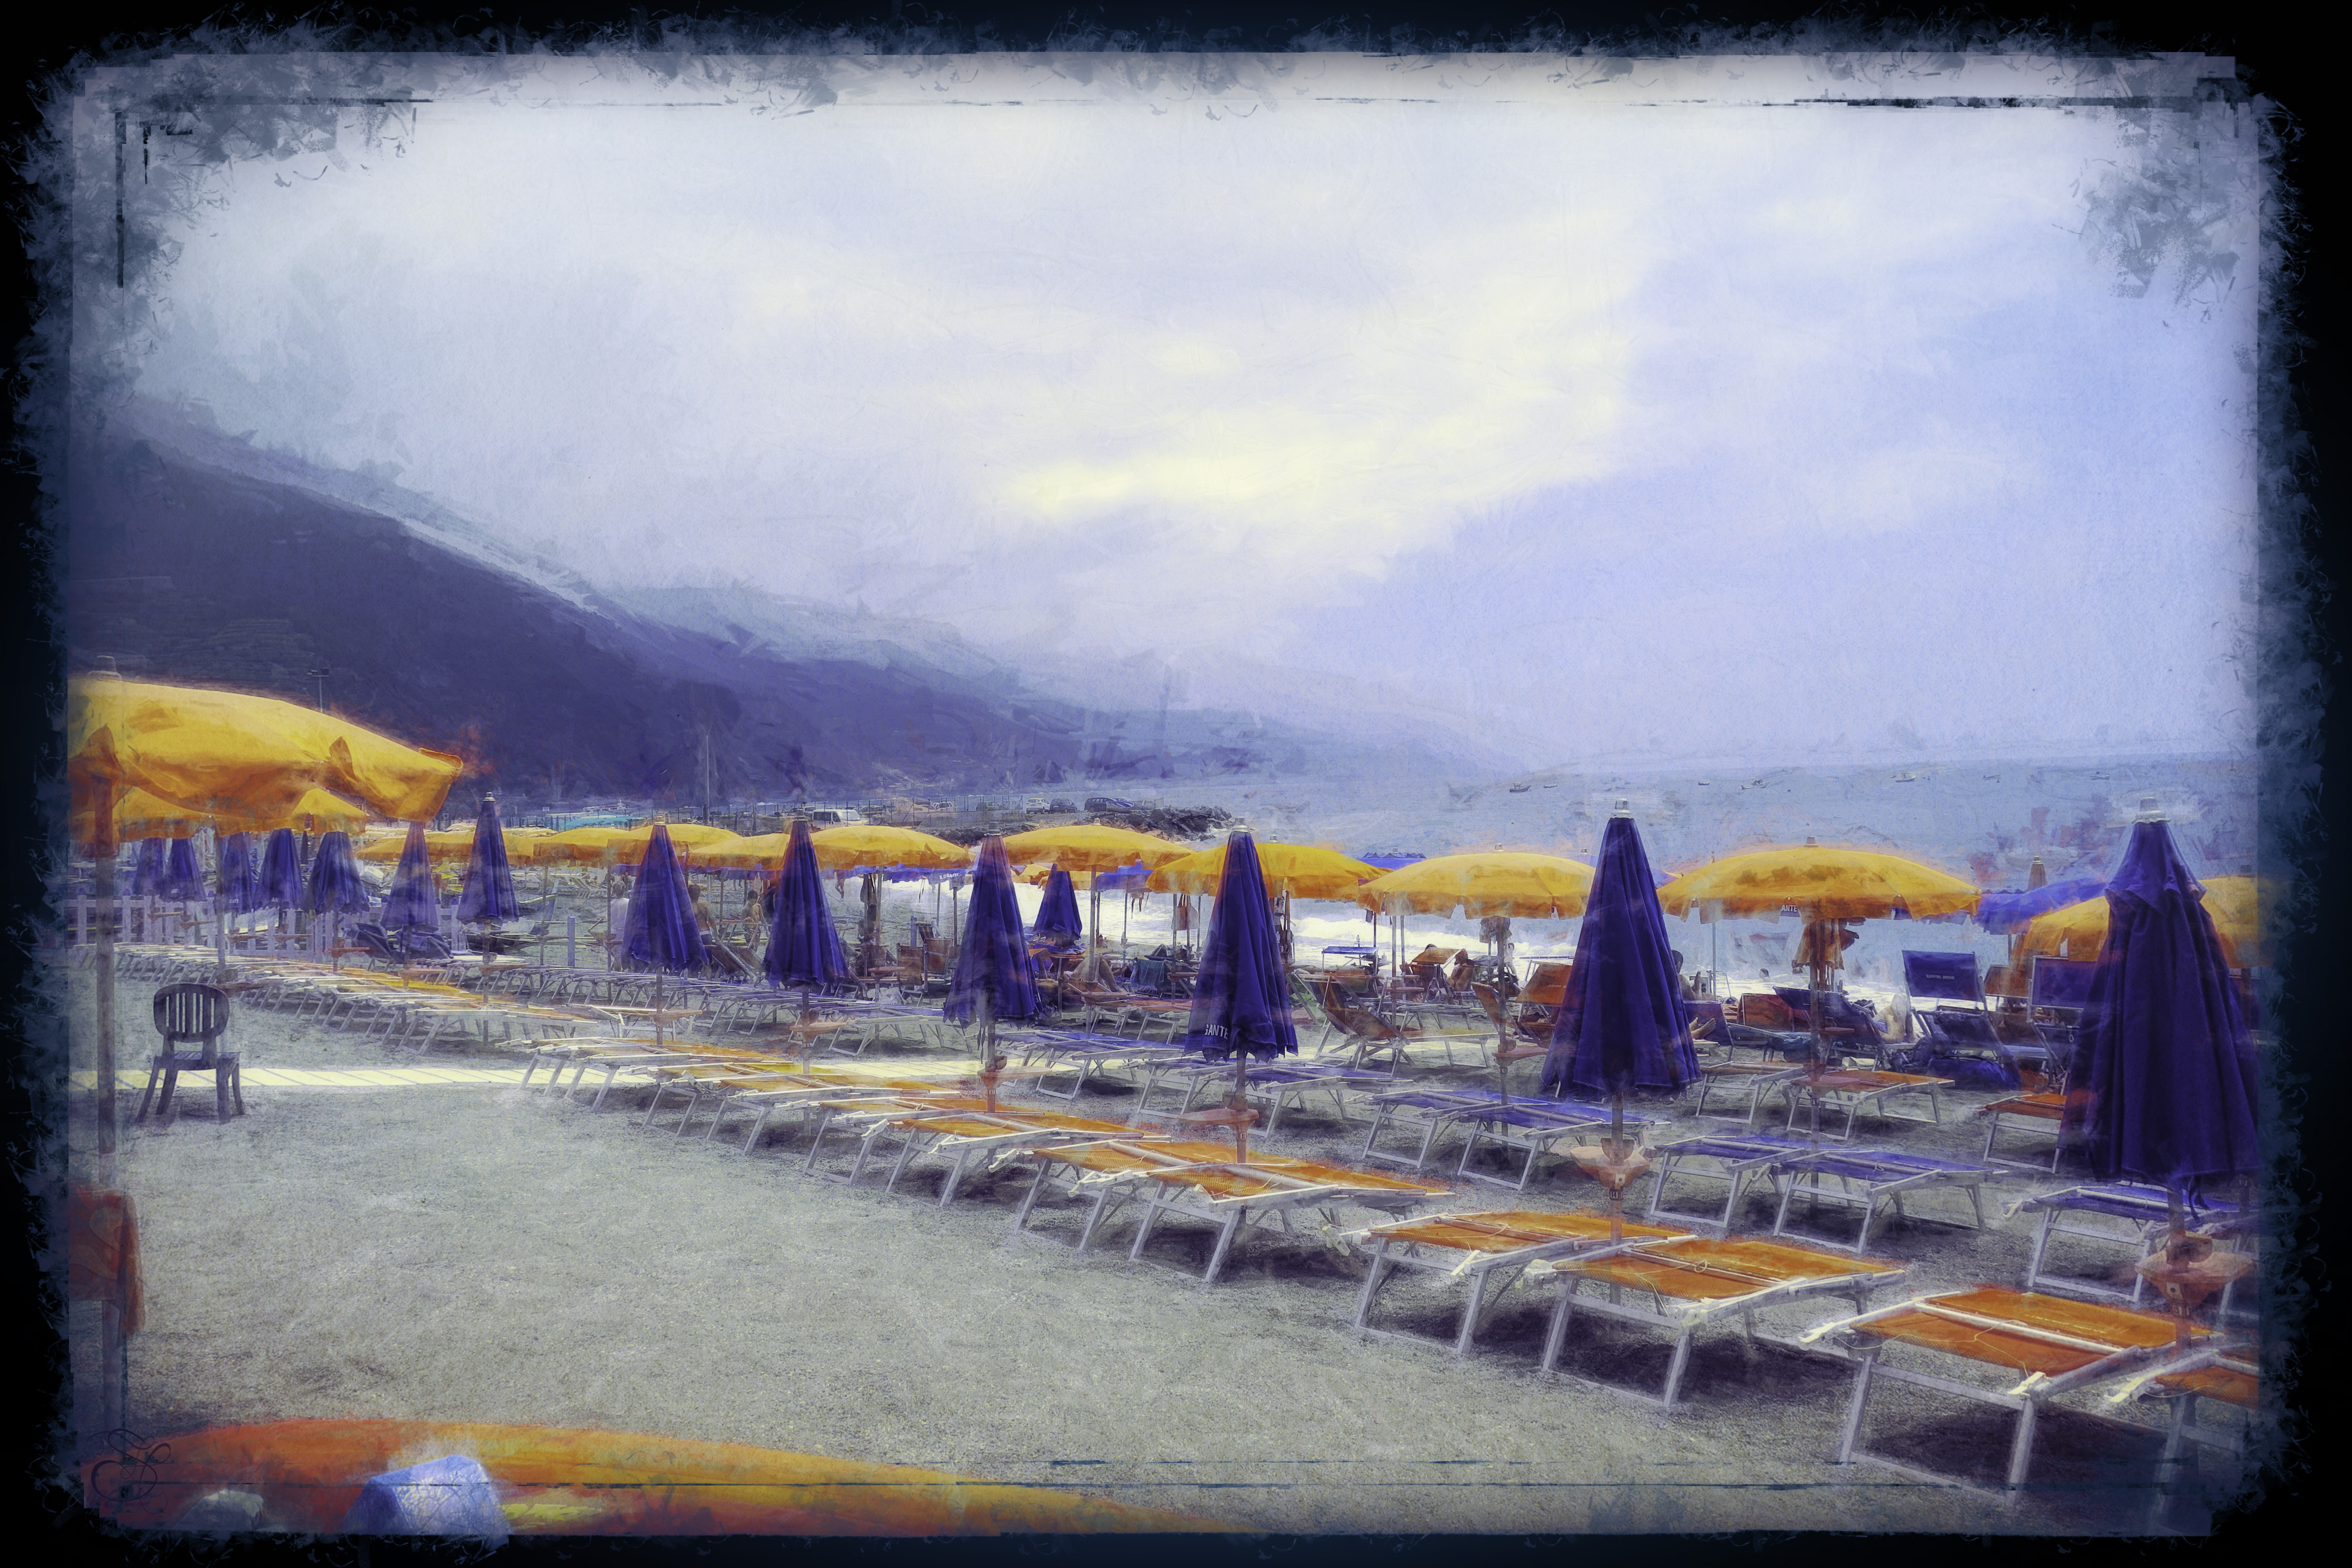 Umbrellas in Cinque Terre copy